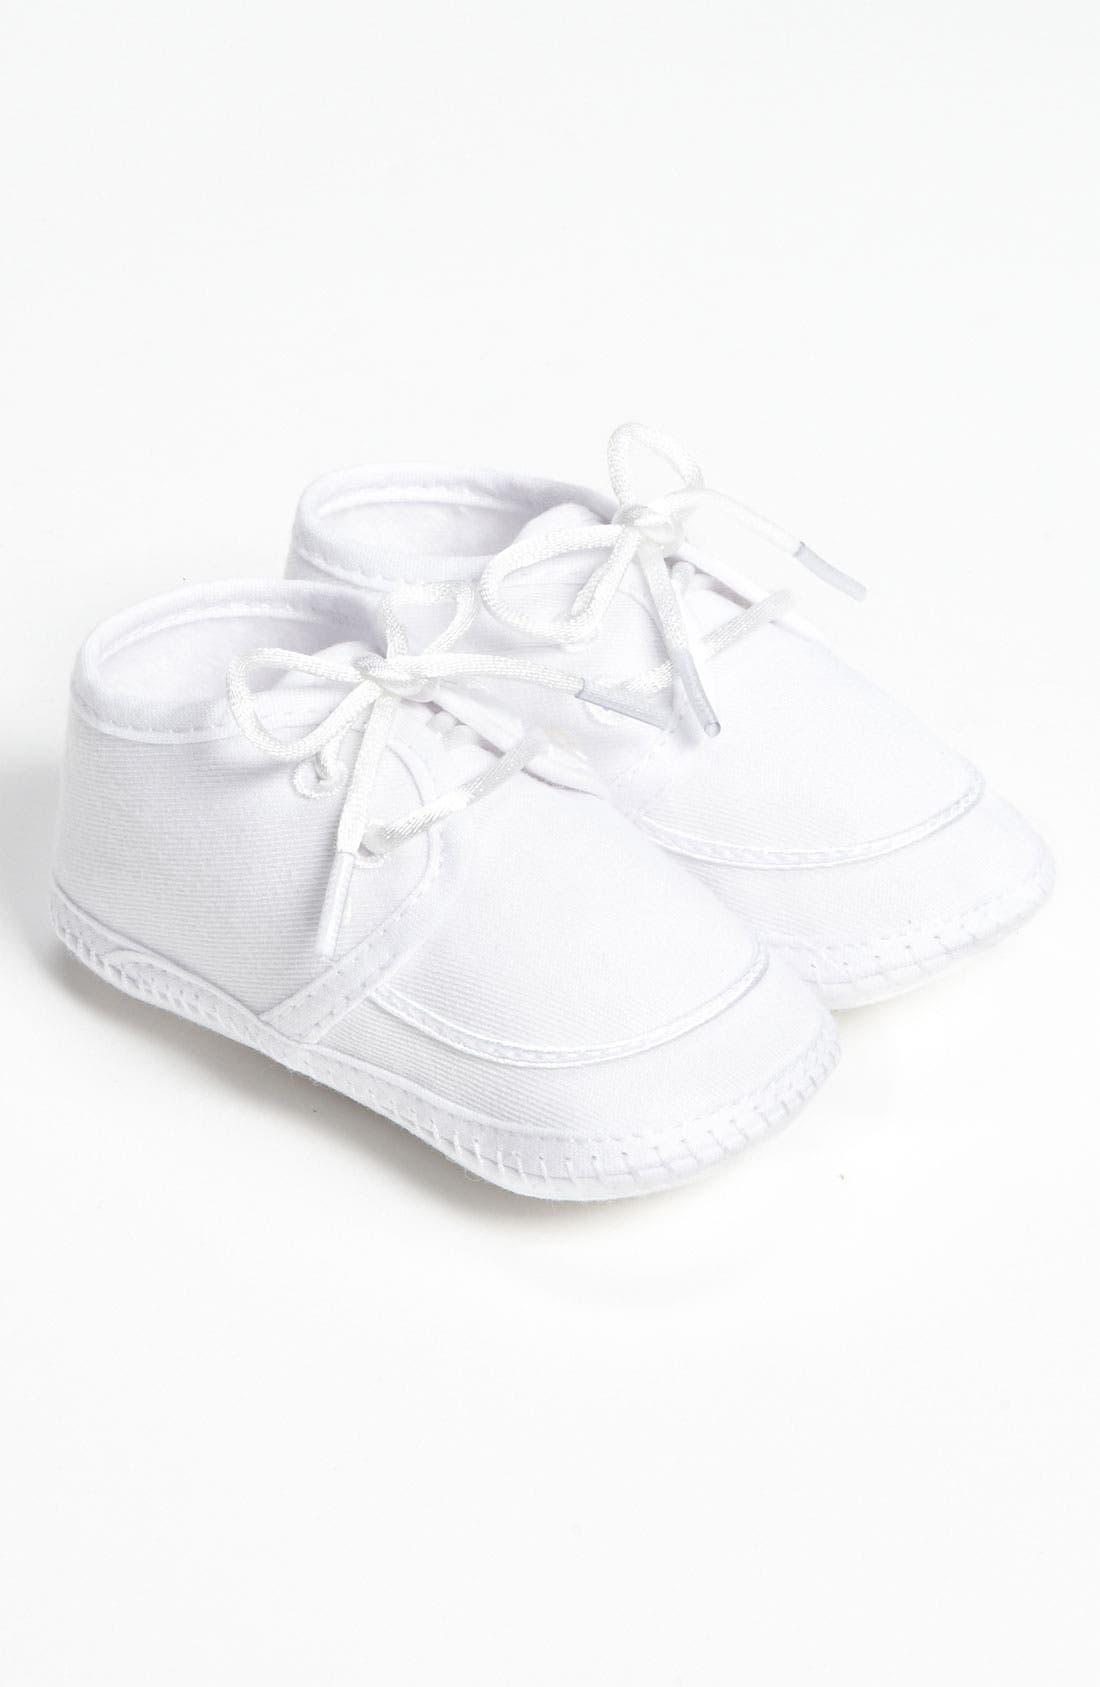 Little Things Mean a Lot Gabardine Shoe (Baby)